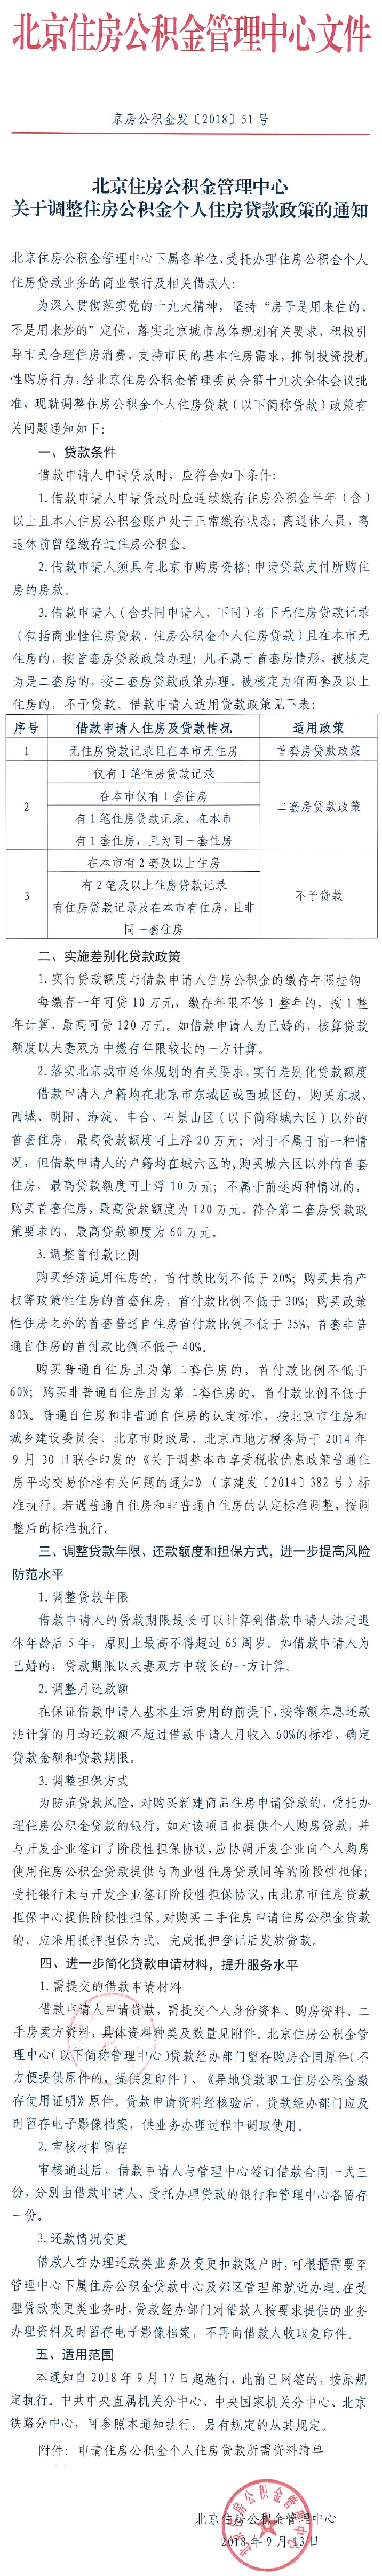 北京住房公积金管理中心关于调整住房公积金个人住房贷款政策的通知.jpg